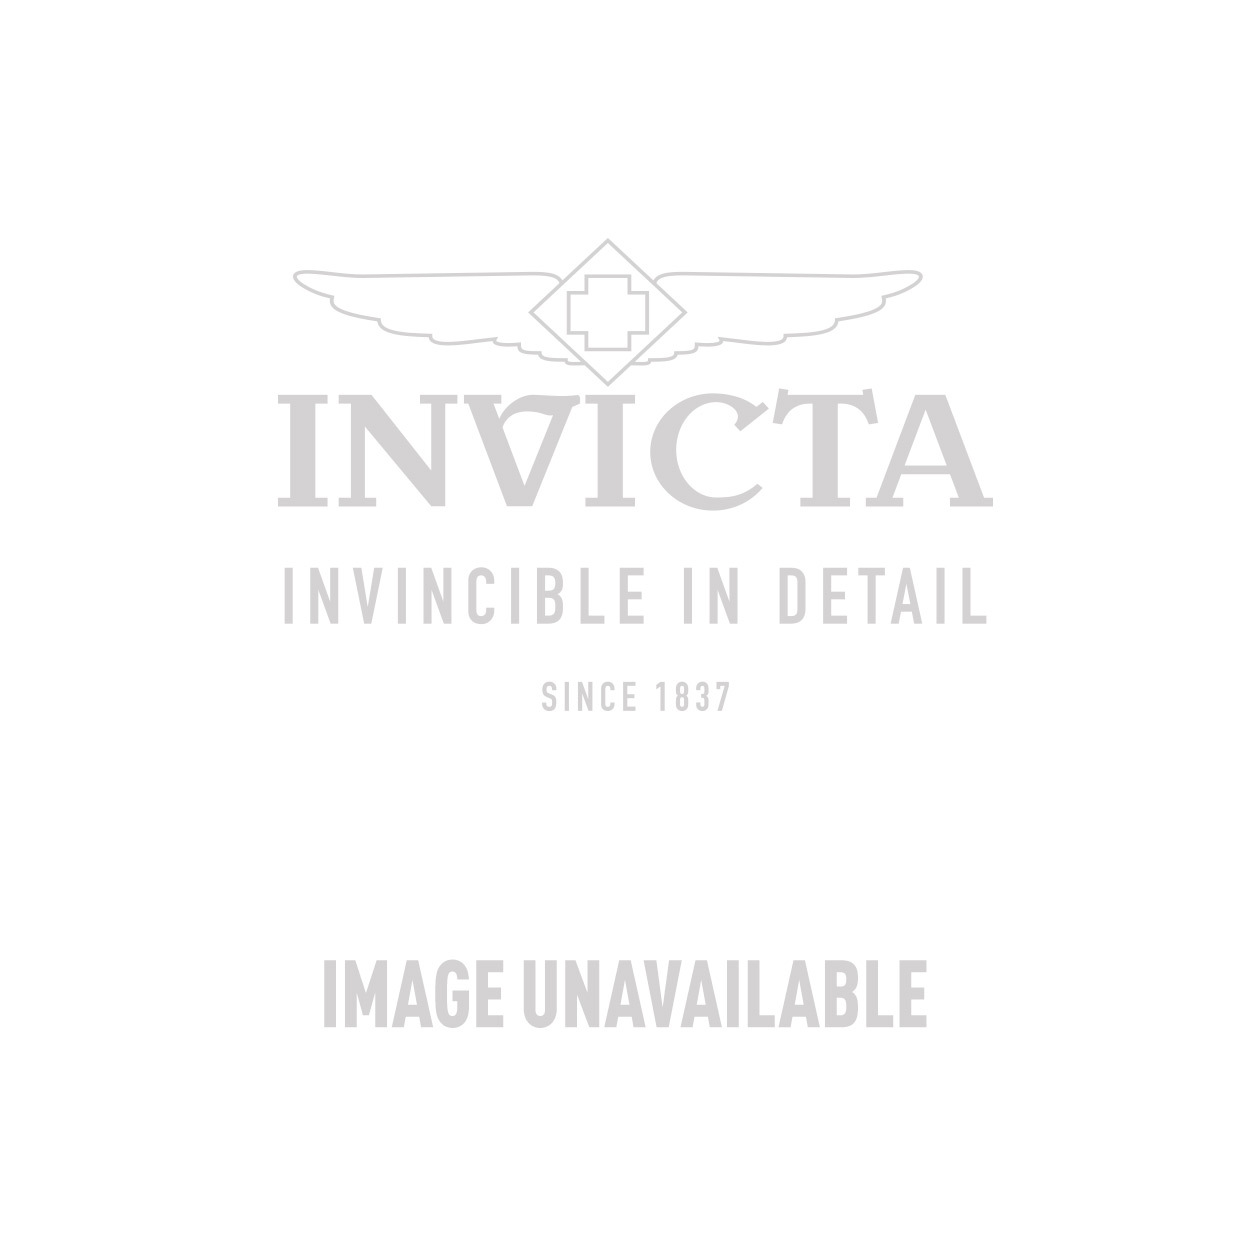 Invicta Model 27273